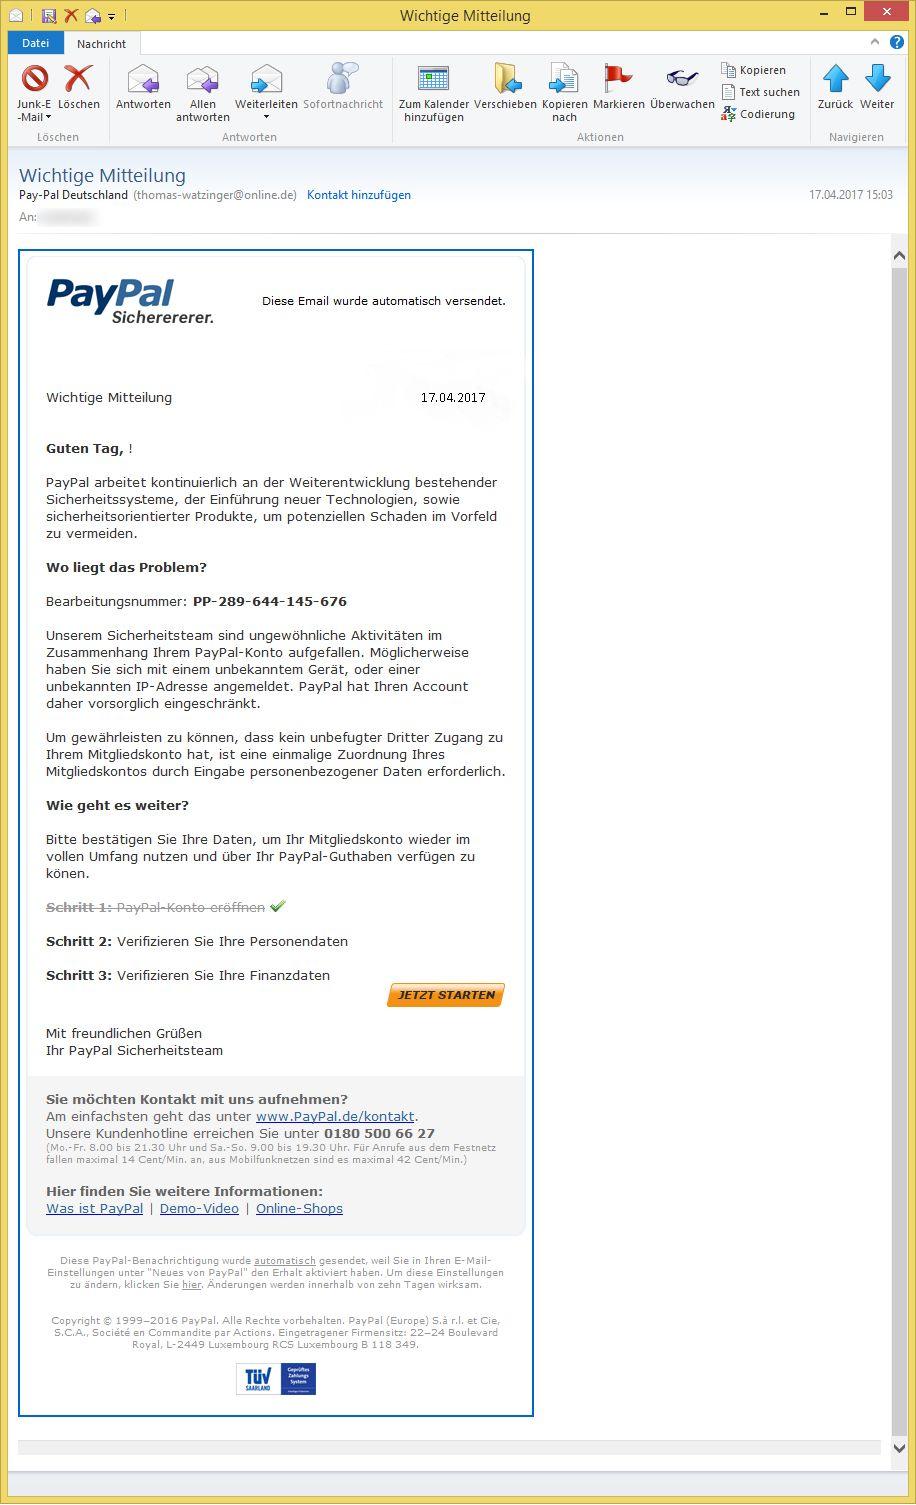 paypal login mit unbekanntem gerät